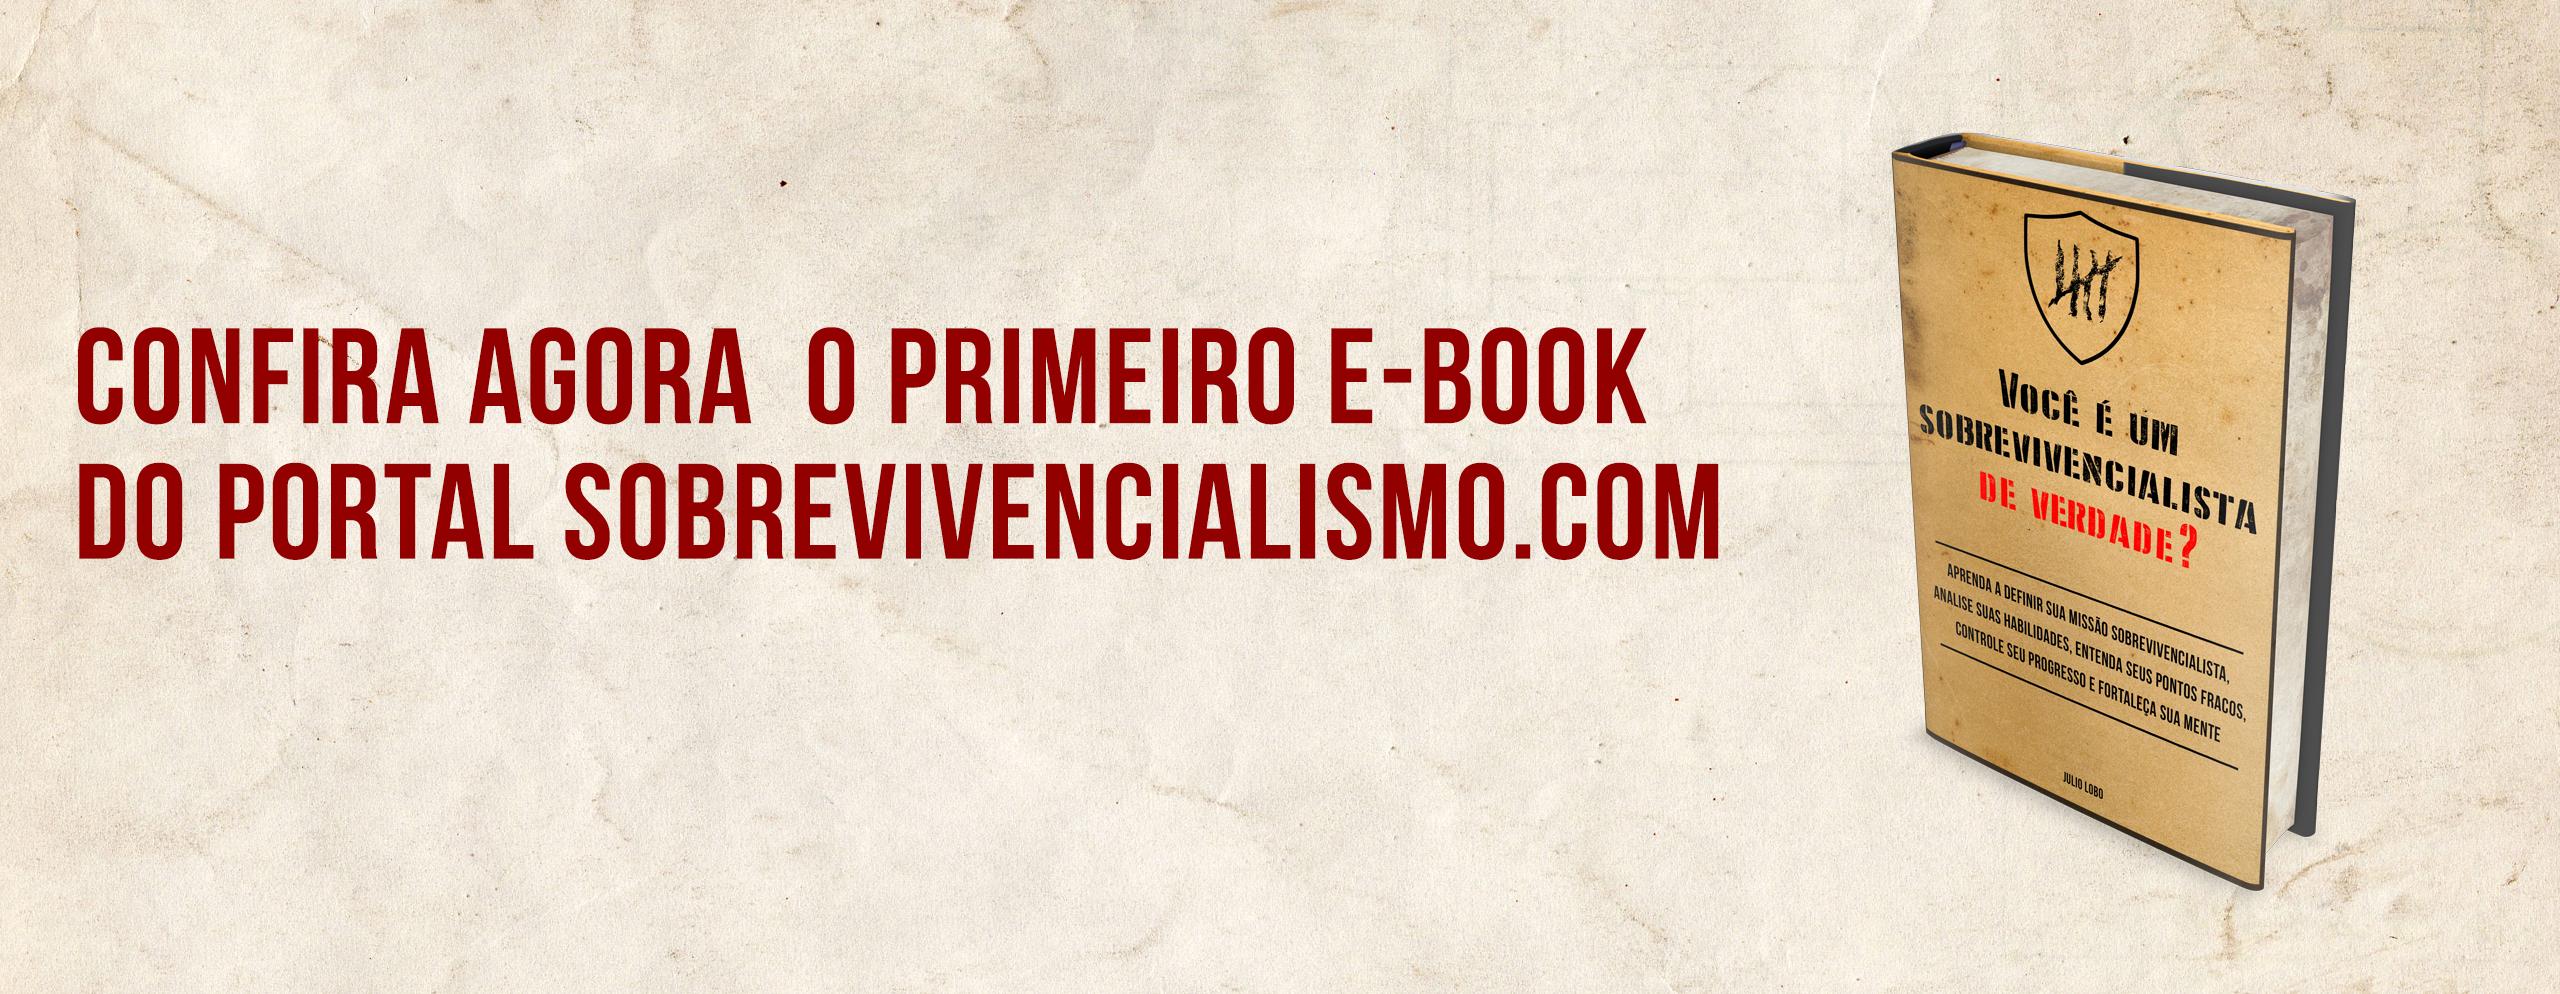 E-book: Você é um sobrevivencialista de verdade?